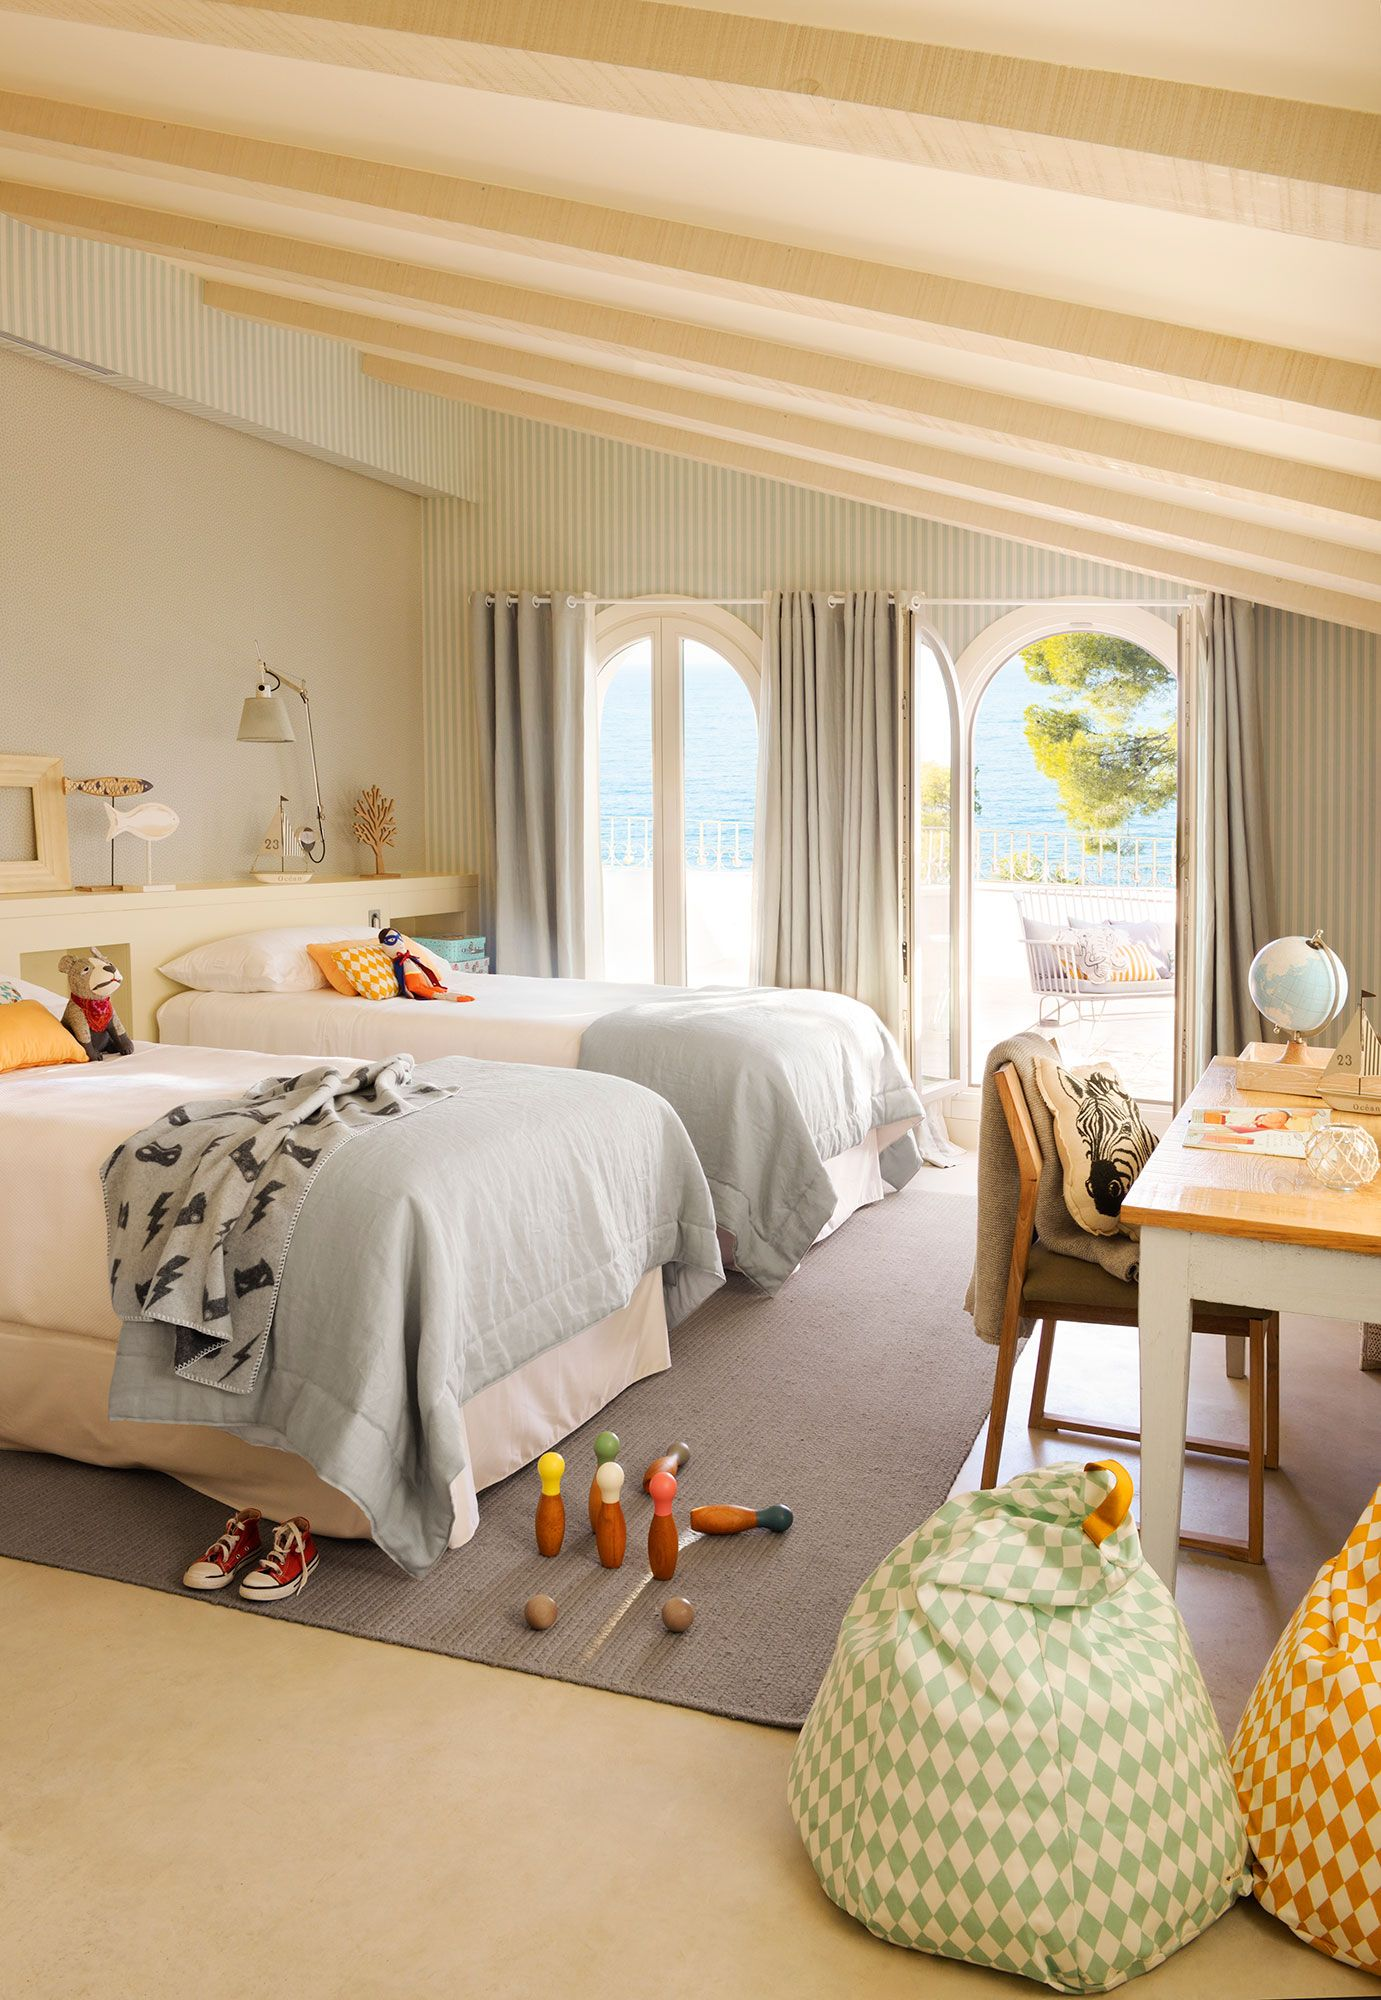 Dormitorio infantil con cama librer a y papel pintado for Cama dormitorio infantil